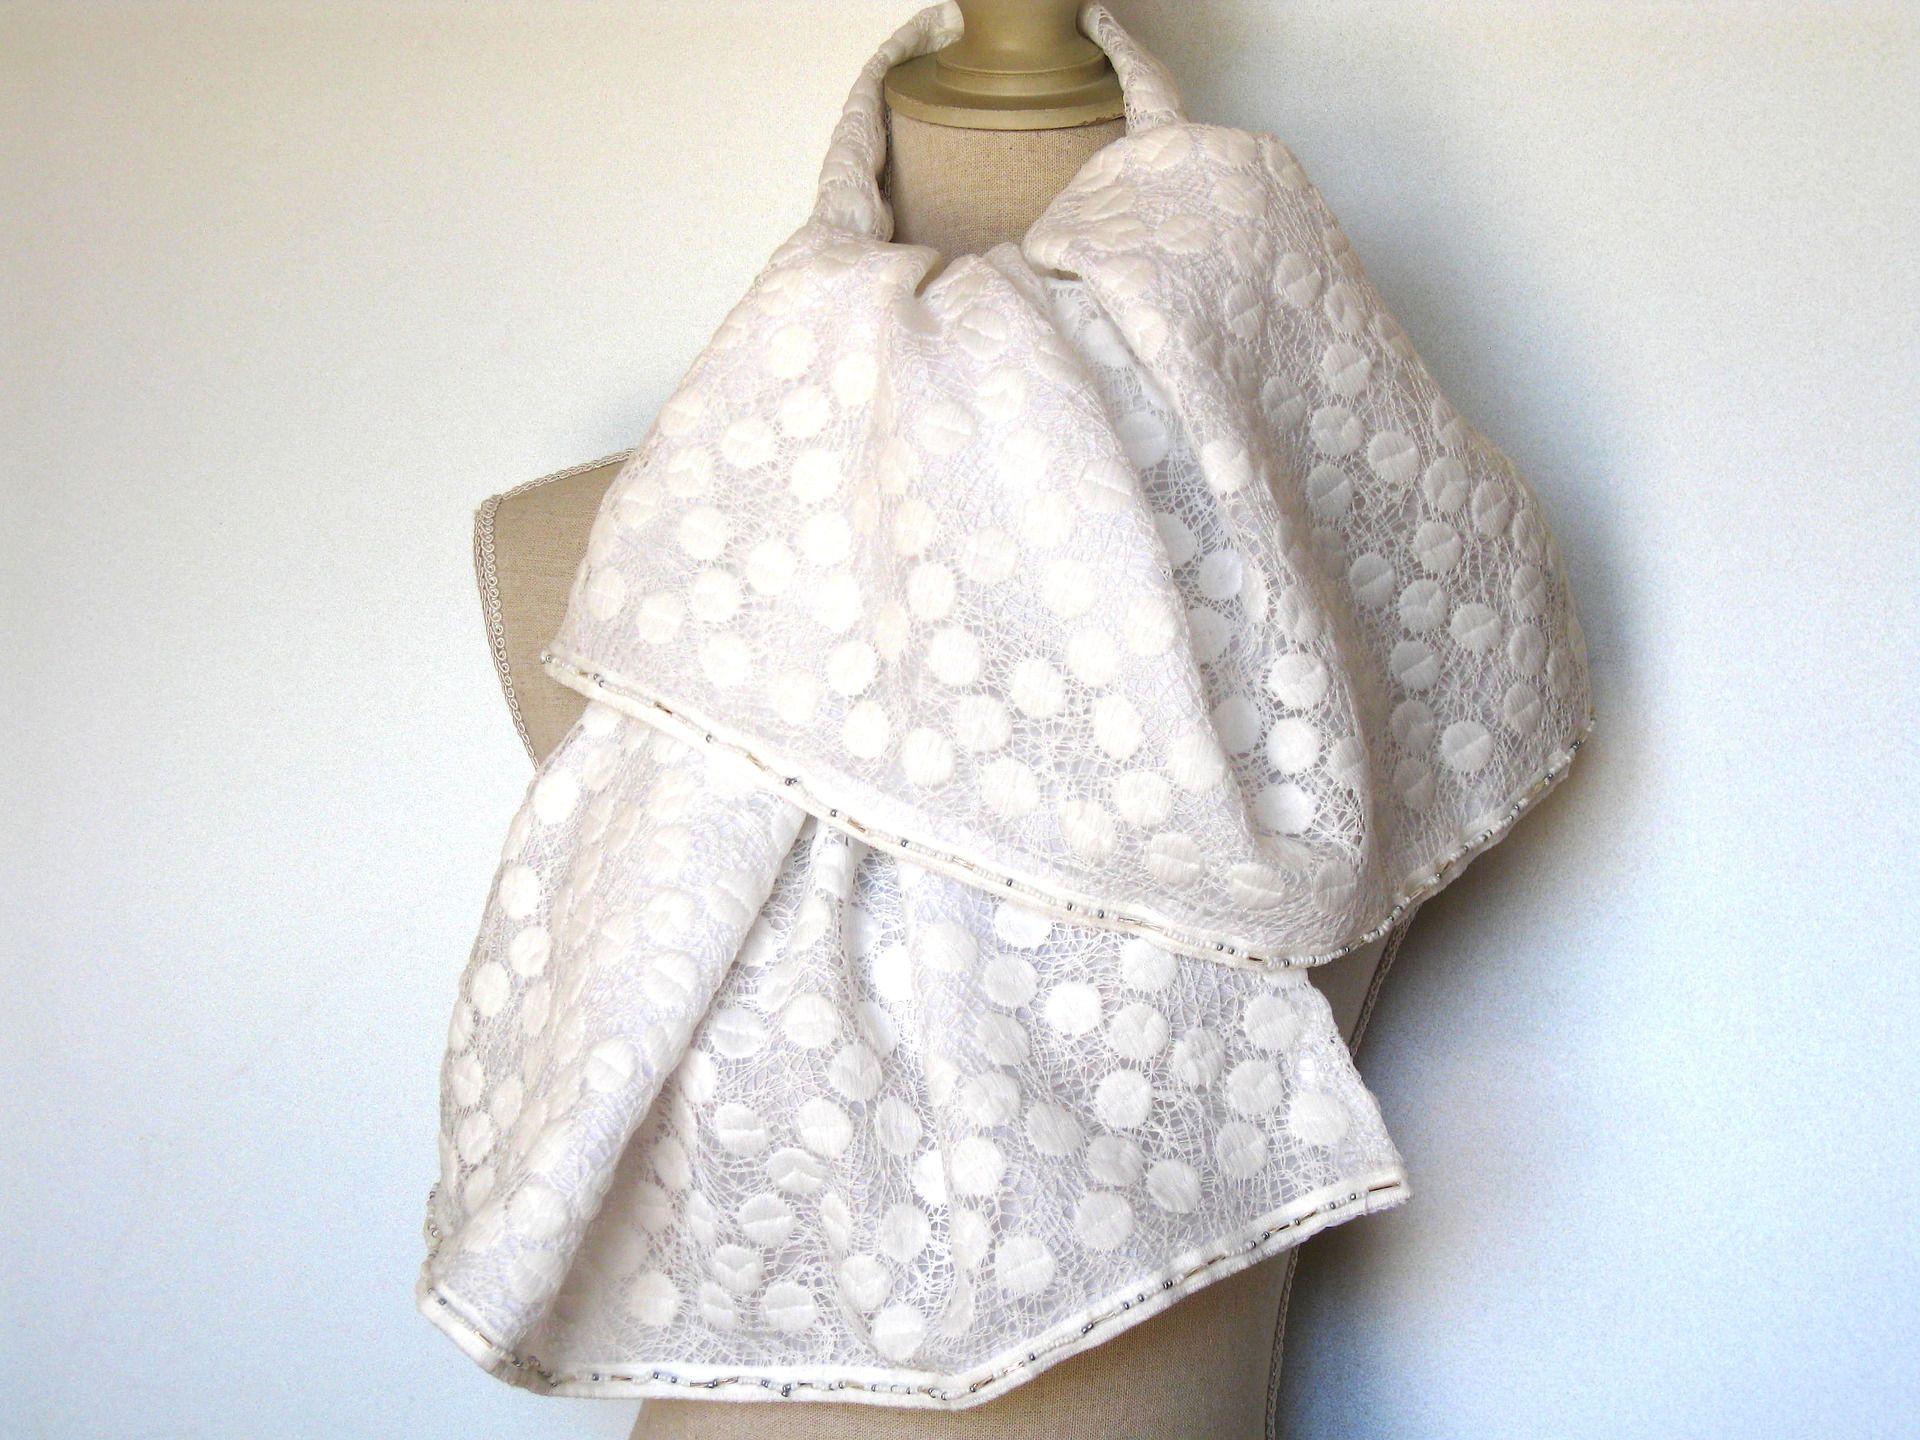 c3a11ba9fa9 Etole Echarpe Double En Dentelle De Coton Blanc Le Must Pour Mariage    Echarpe